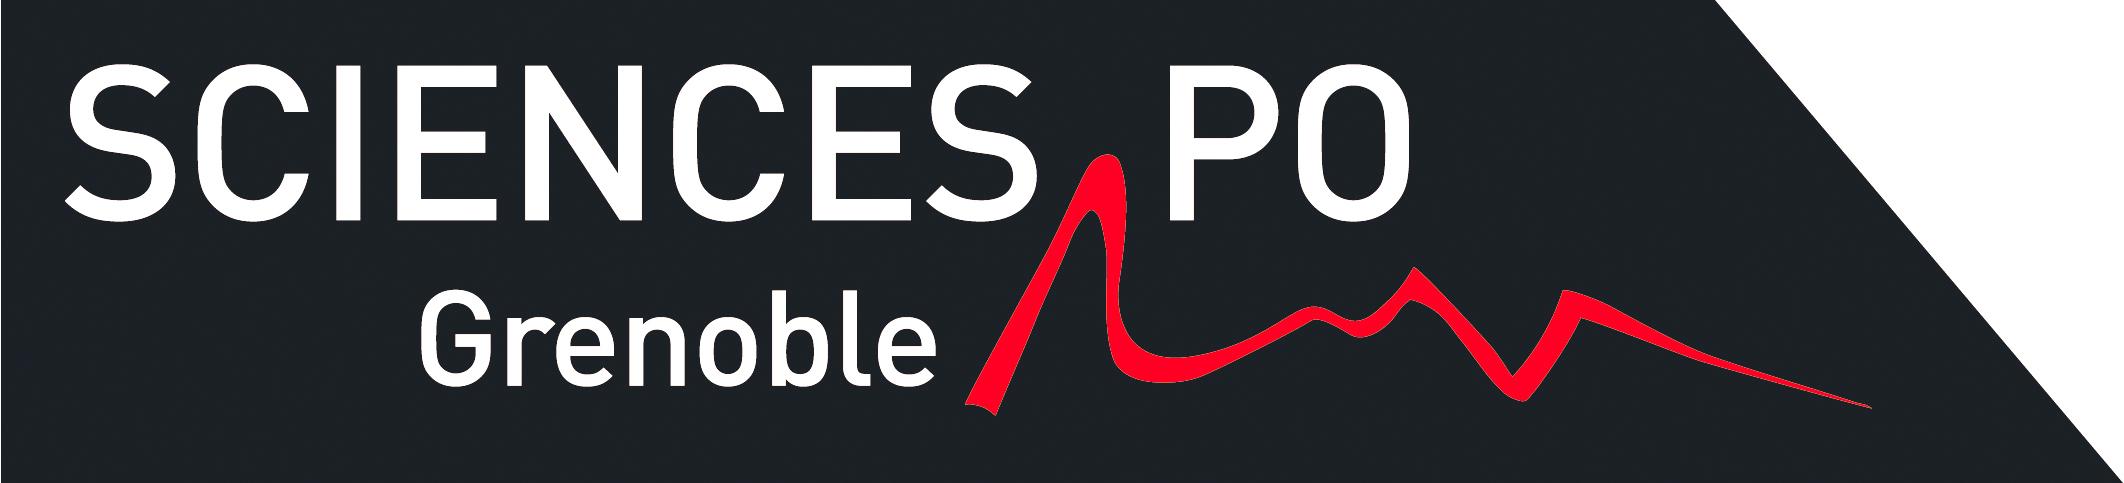 Logo_Sciences_PO_Grenoble.jpg